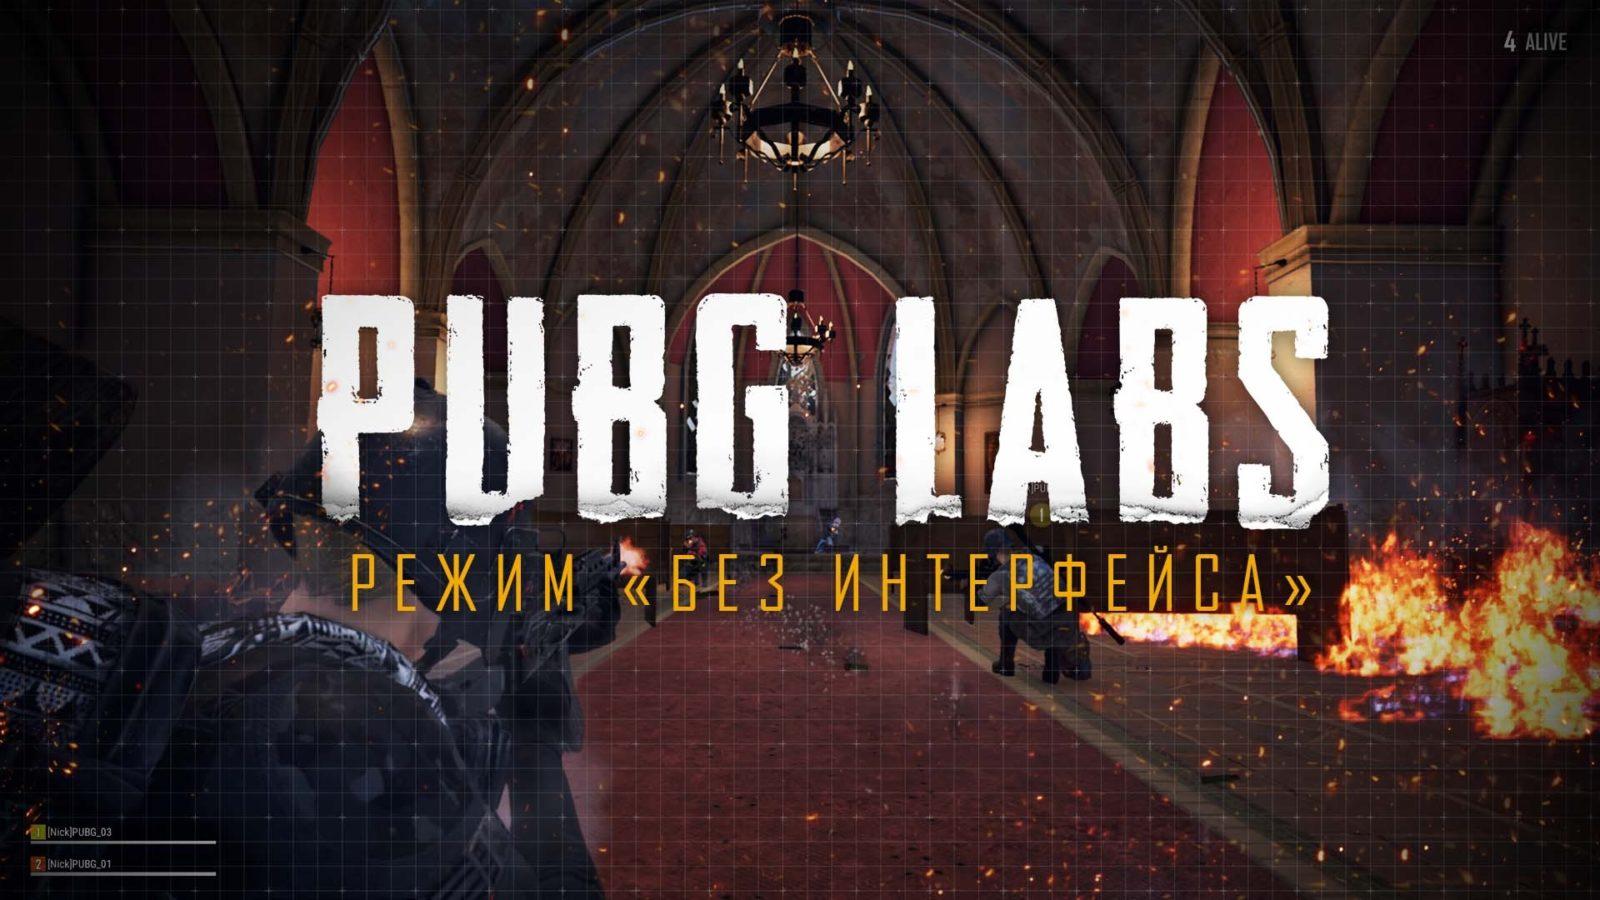 Королевские битвы в режиме без интерфейса в PUBG LABS